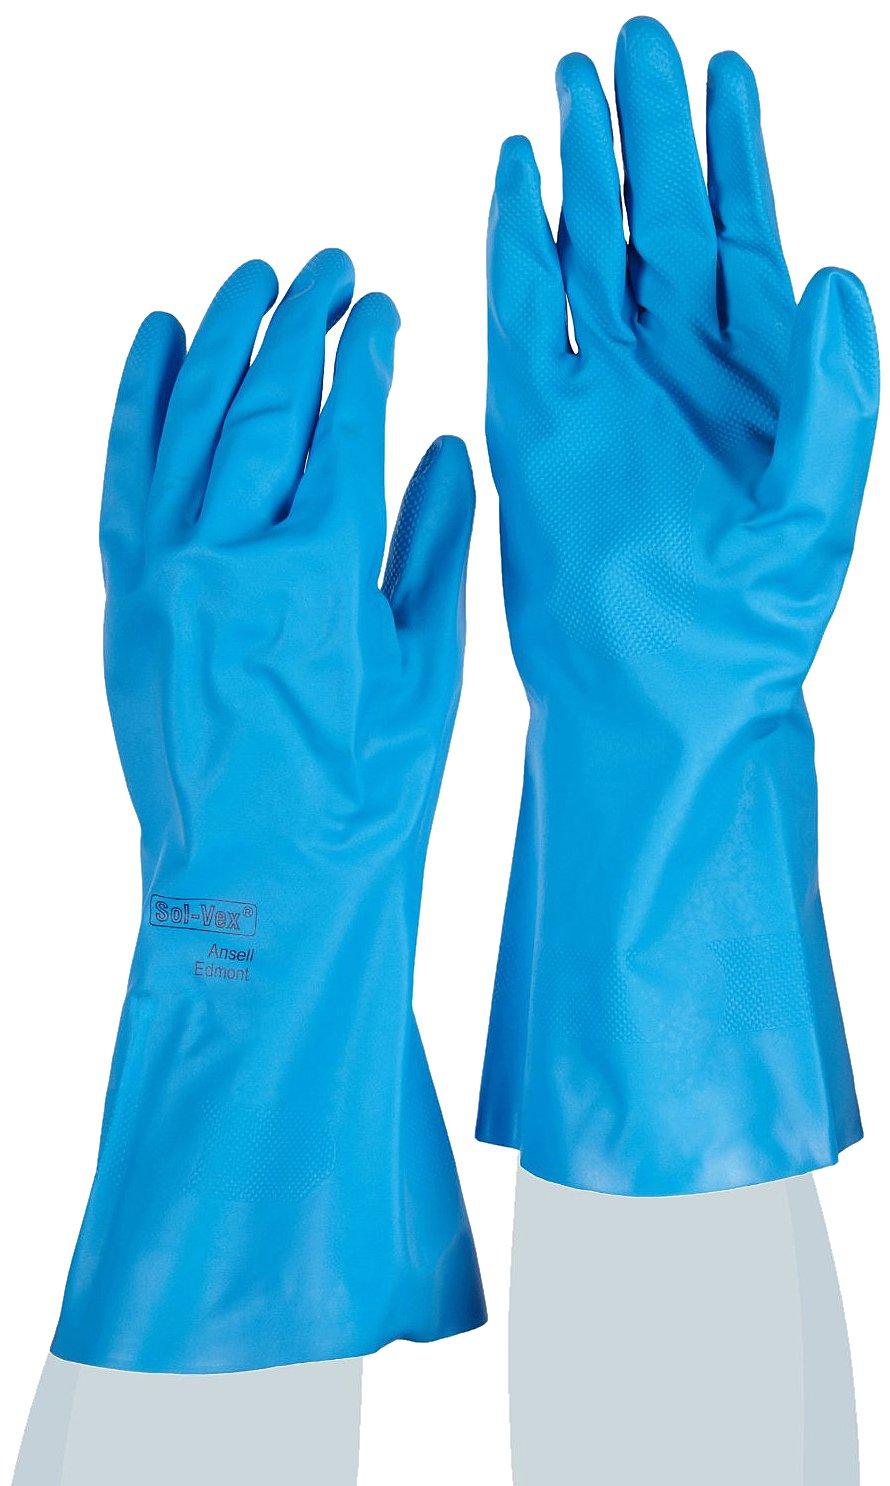 Procesado de alimentos Tama/ño 10 Ansell VersaTouch 37-510//10 Nitrilo guante bolsa de 12 pares Azul